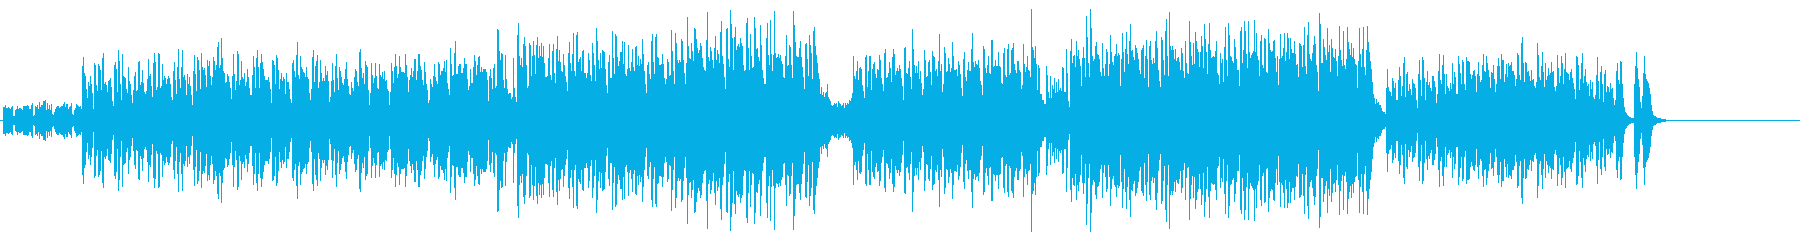 早いテンポの快感エキゾチック・サウンドの再生済みの波形